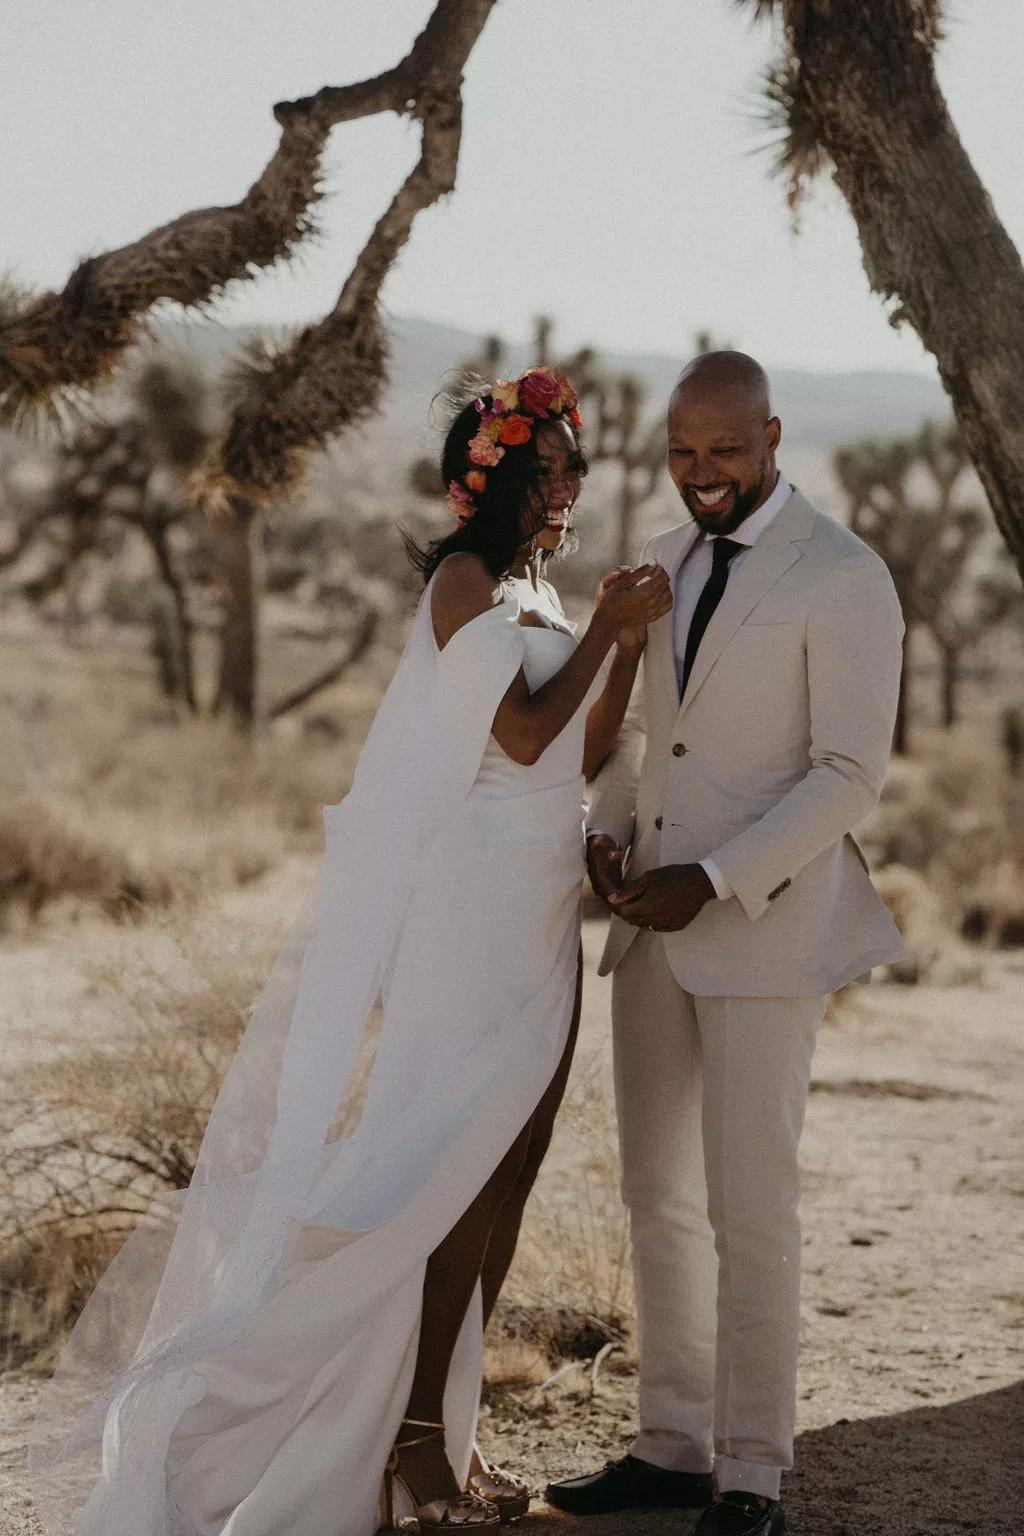 5oAh N6PG8c - Найти свадебного ведущего оказалось проще простого